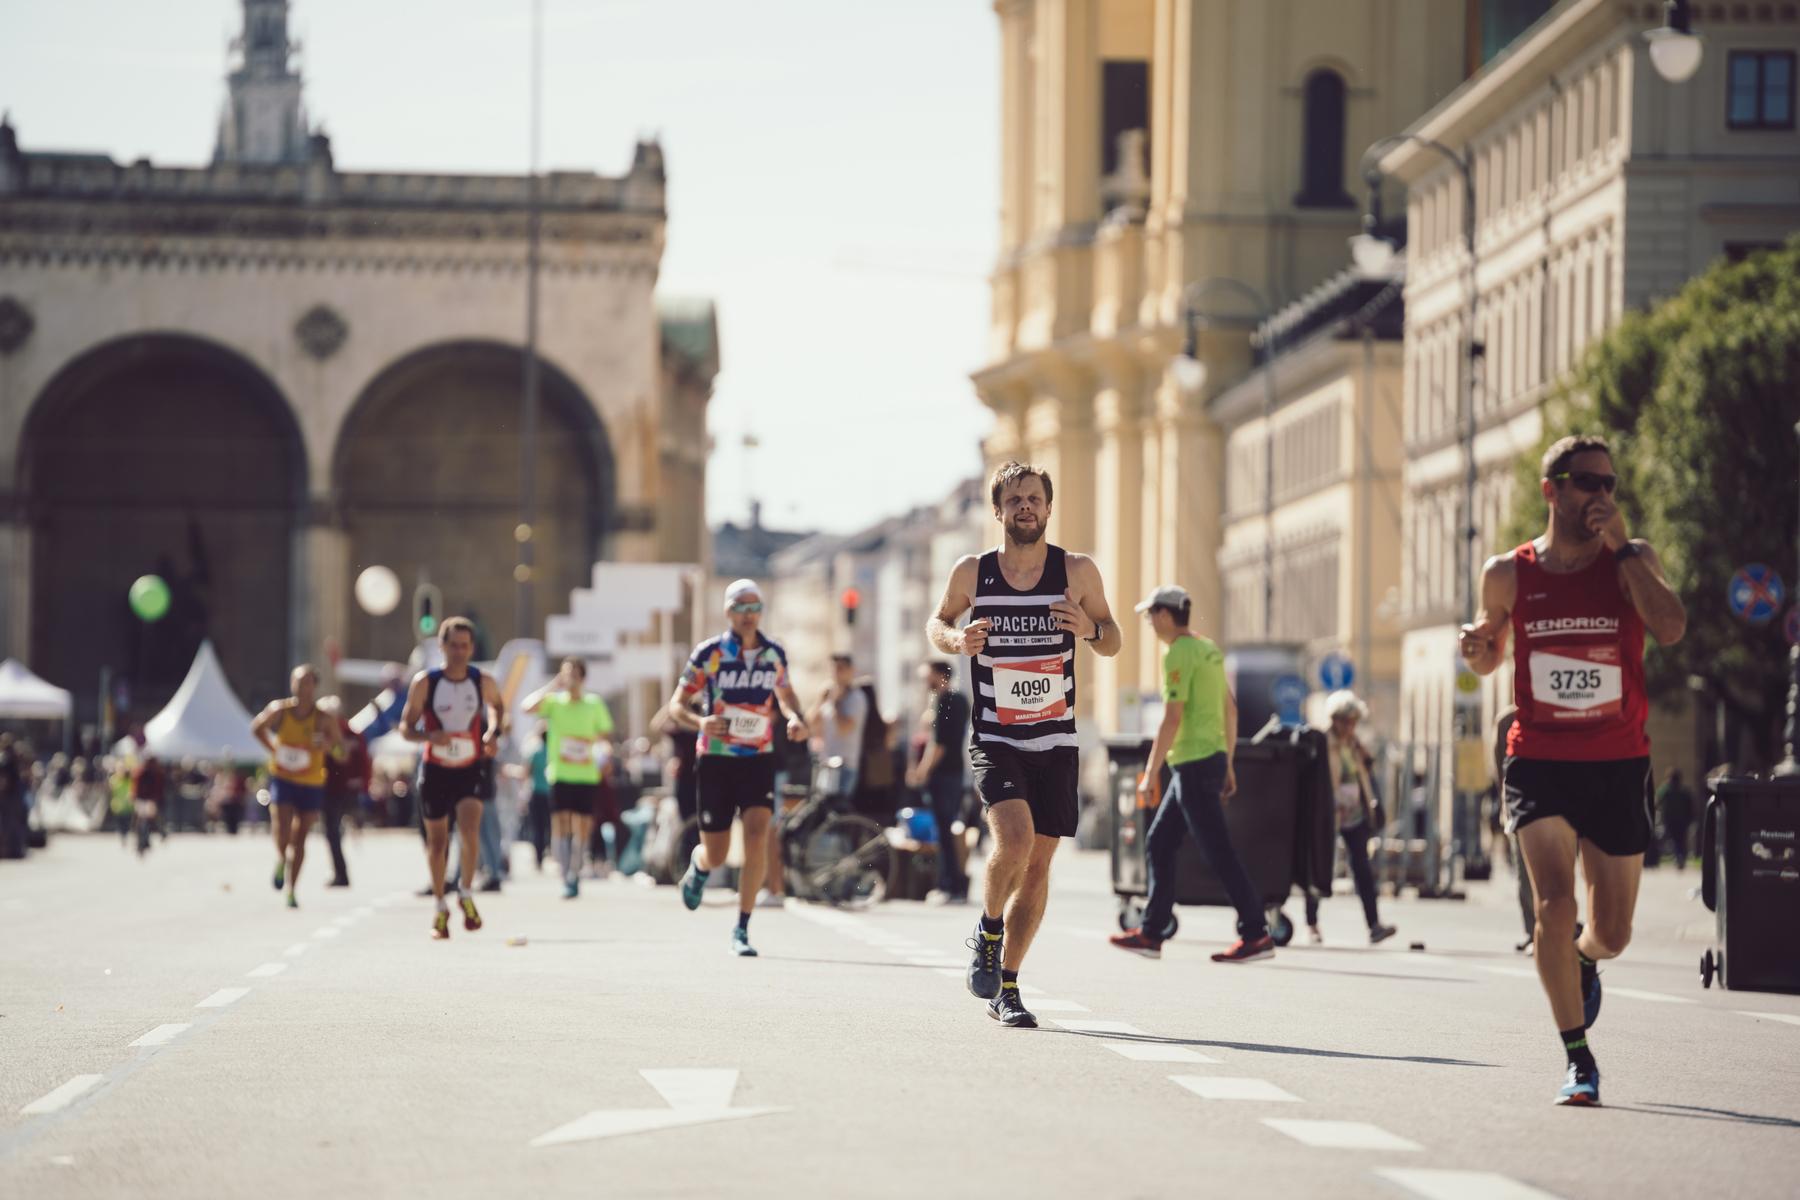 A runner in the Munich Marathon